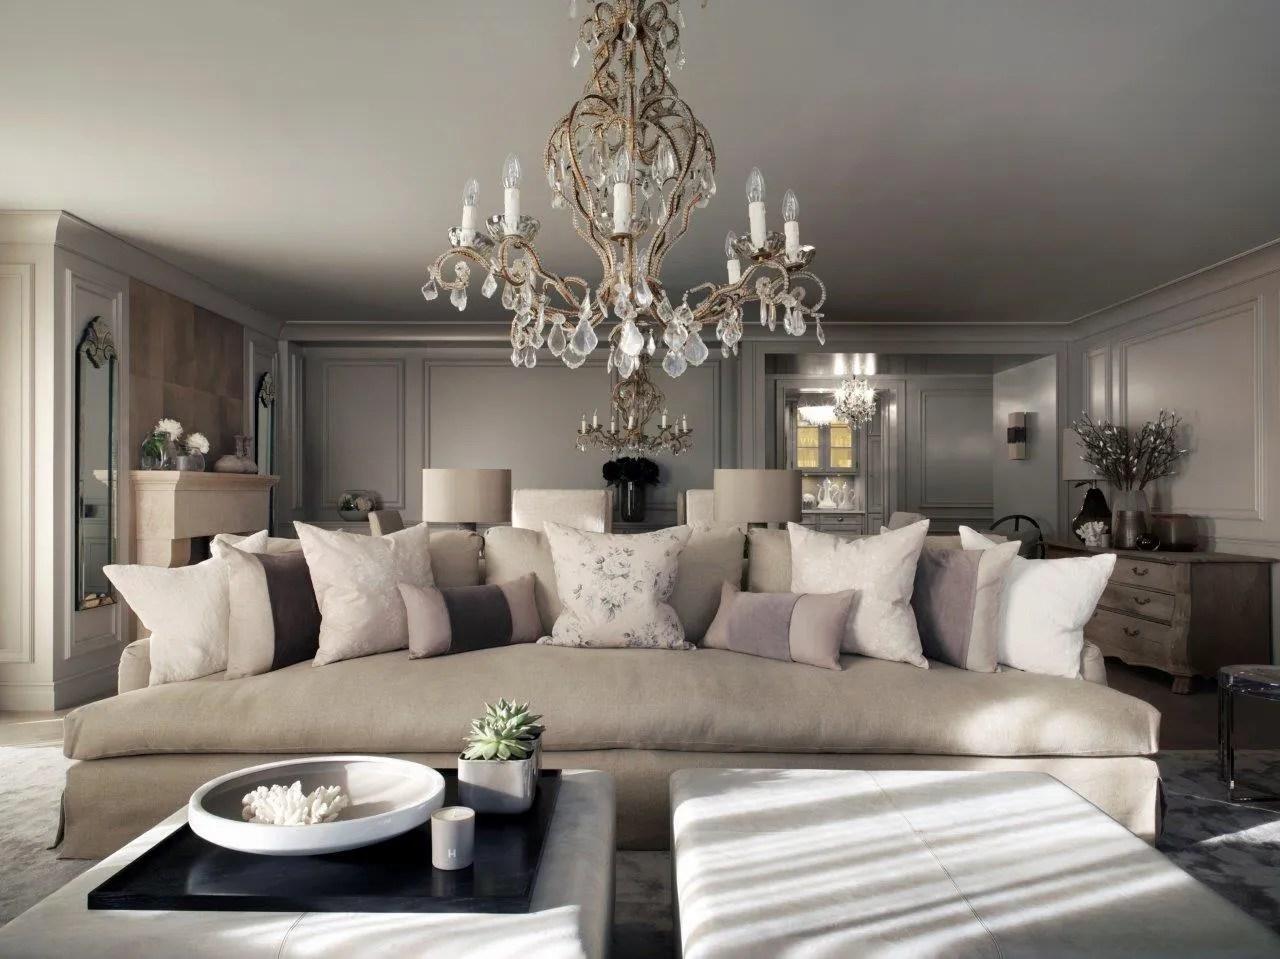 A luxury swiss chalet designed by Kelly Hoppen